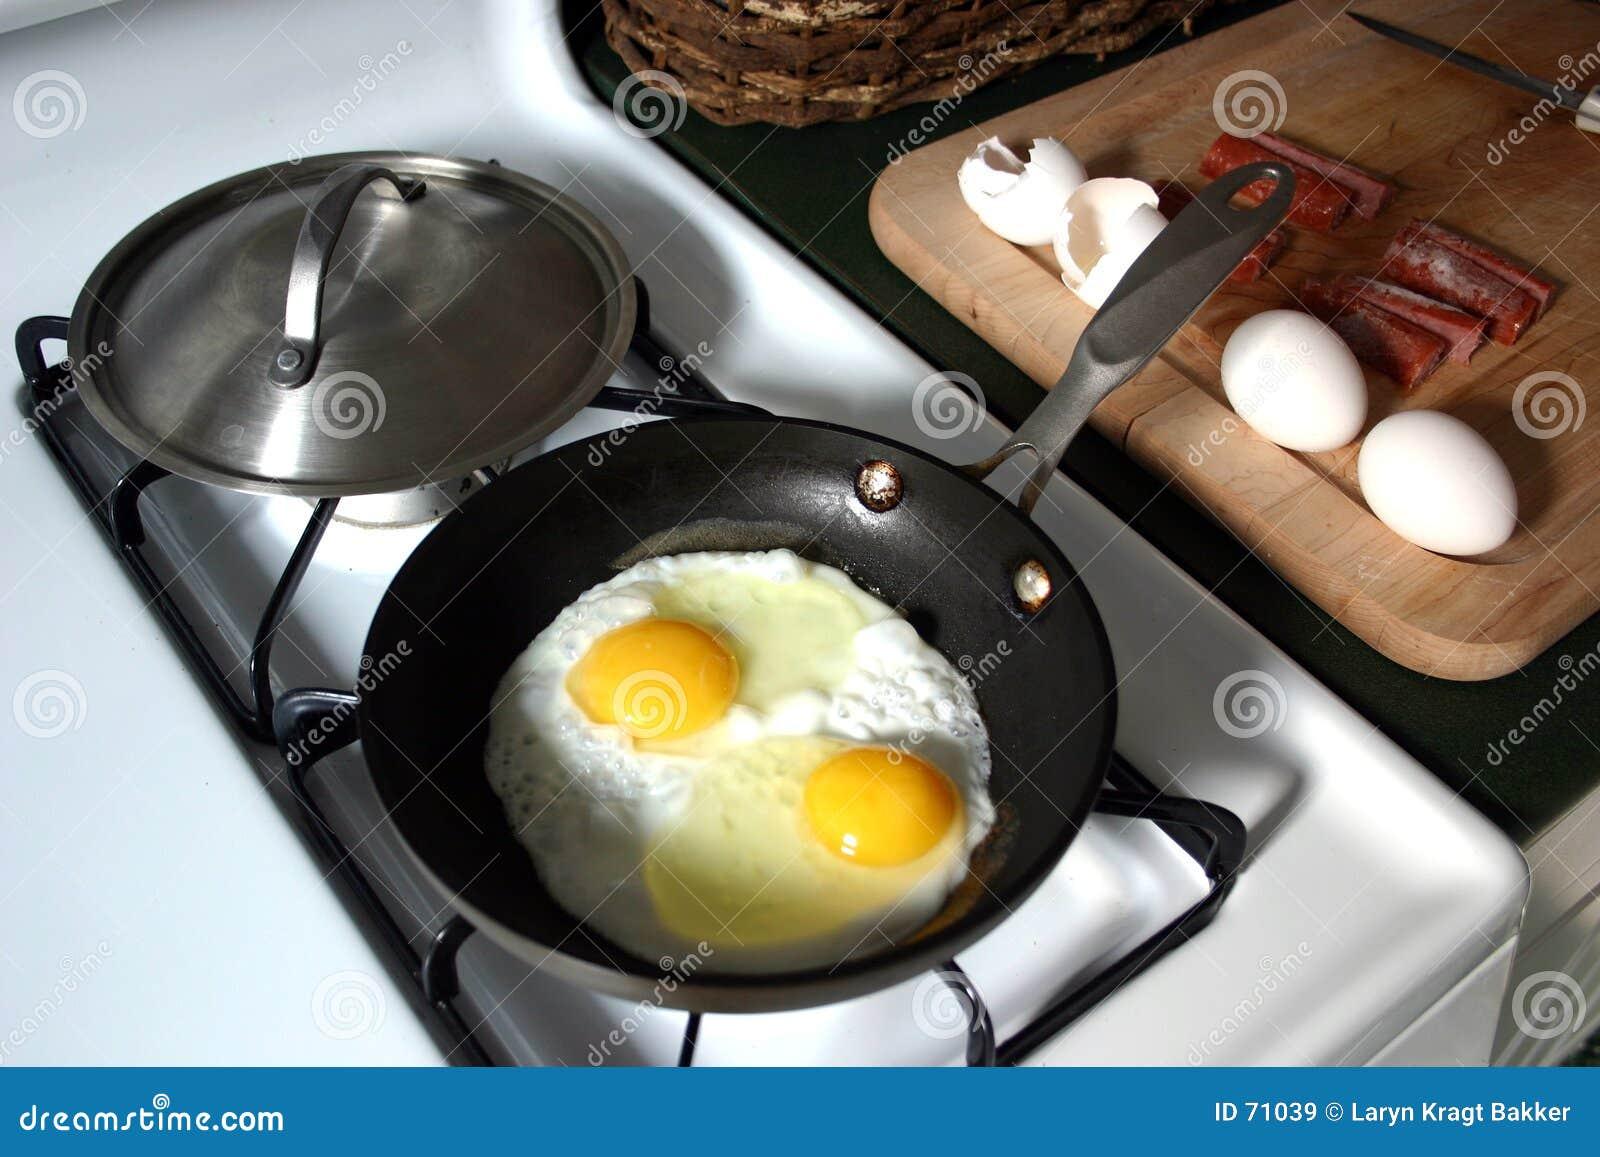 Desayuno - eggs&sausage